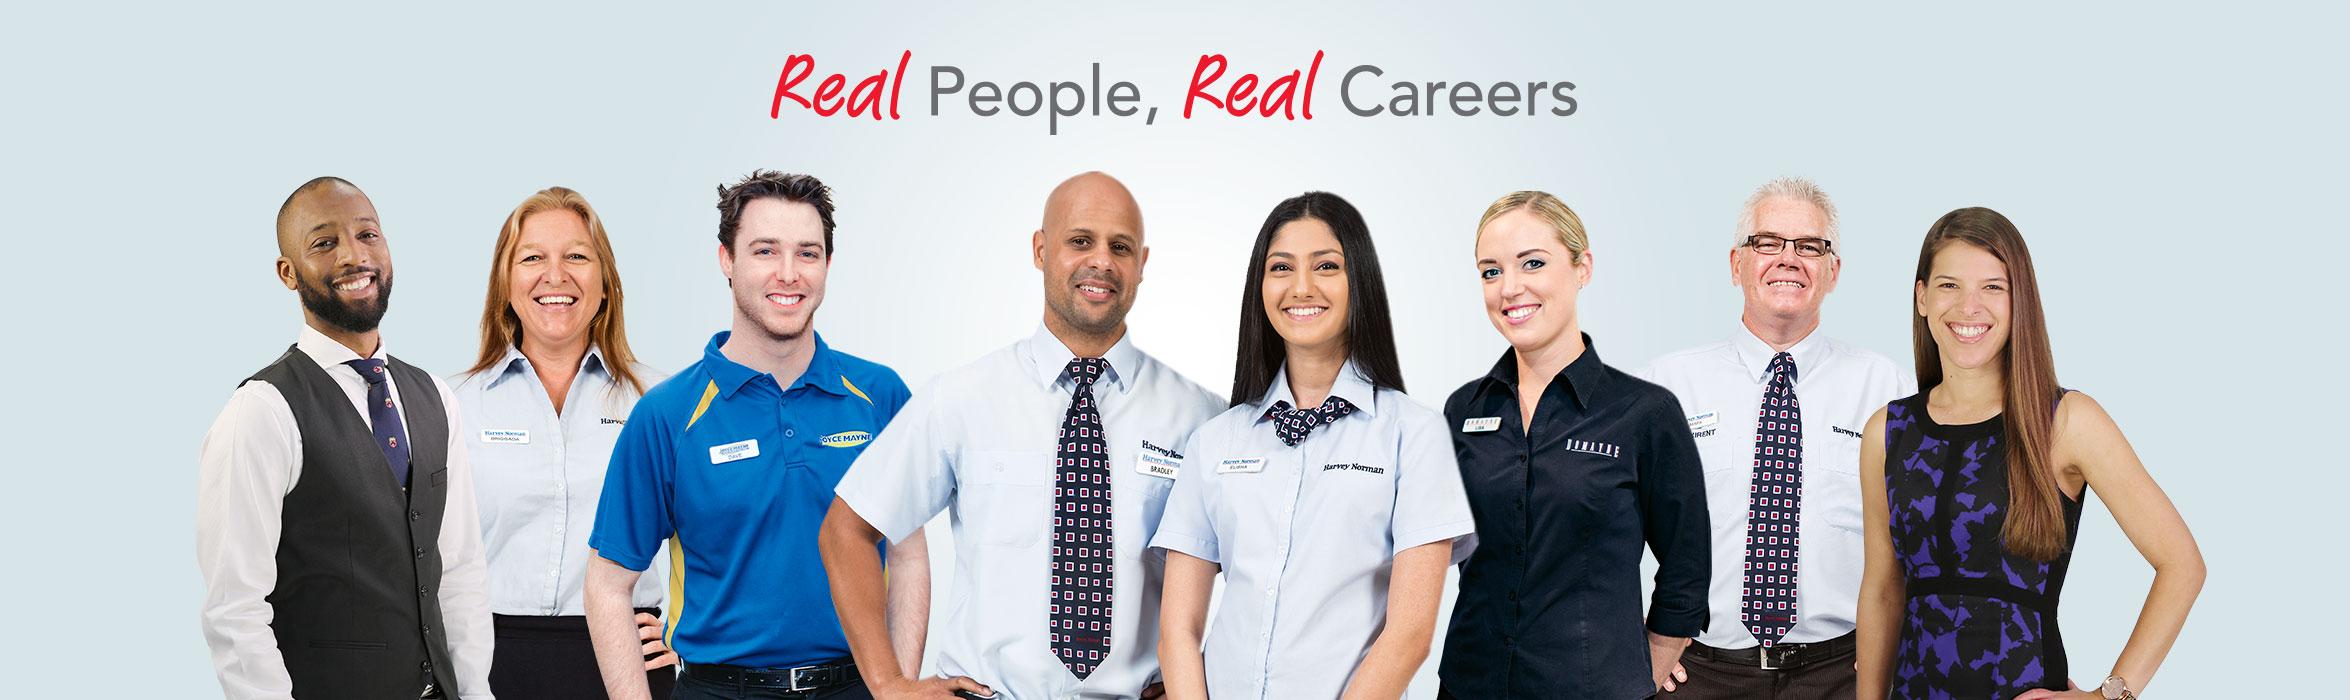 Careers_Home_Retina.jpg